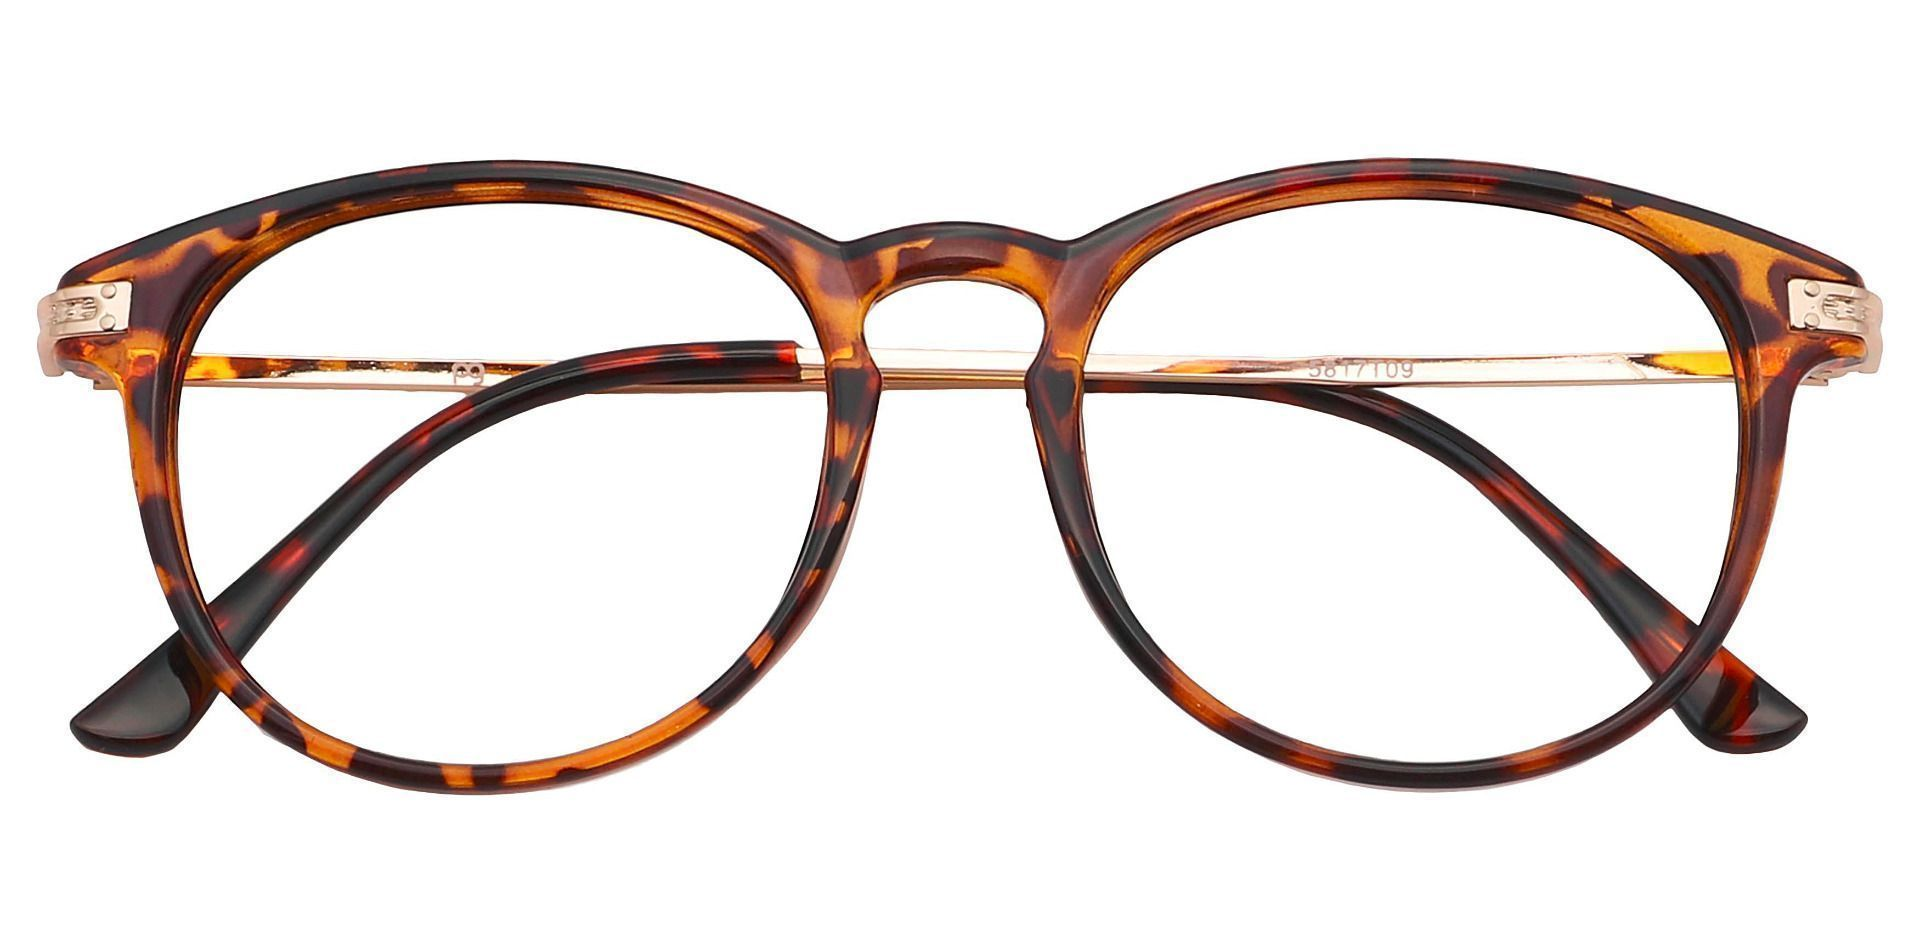 Rojo Round Prescription Glasses - Tortoise